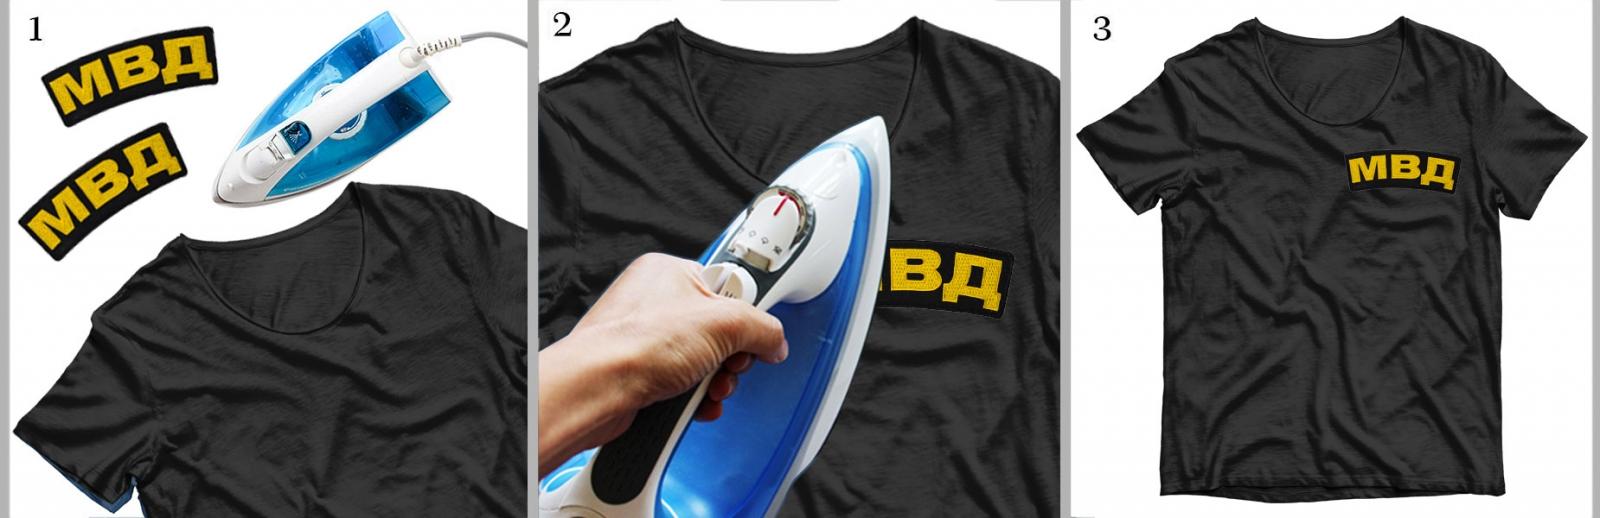 Нашивка МВД термоклеевая на футболке